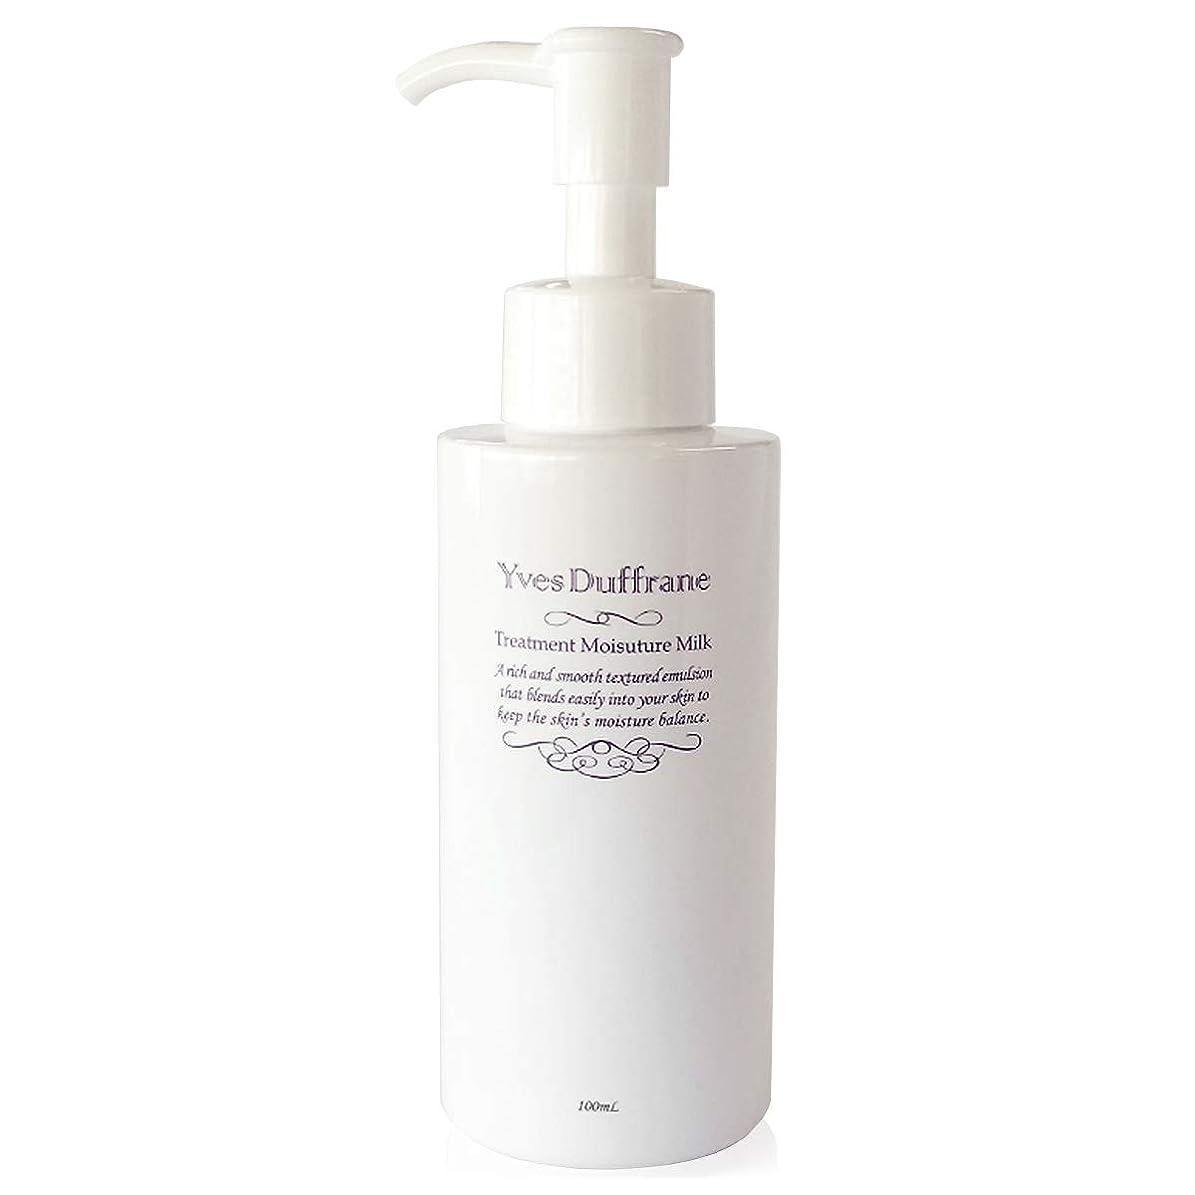 ラベアンプファントム乳液/セラミド アミノ酸 配合 [ 美容乳液 ] 増粘剤不使用 保湿 乾燥?敏感肌対応